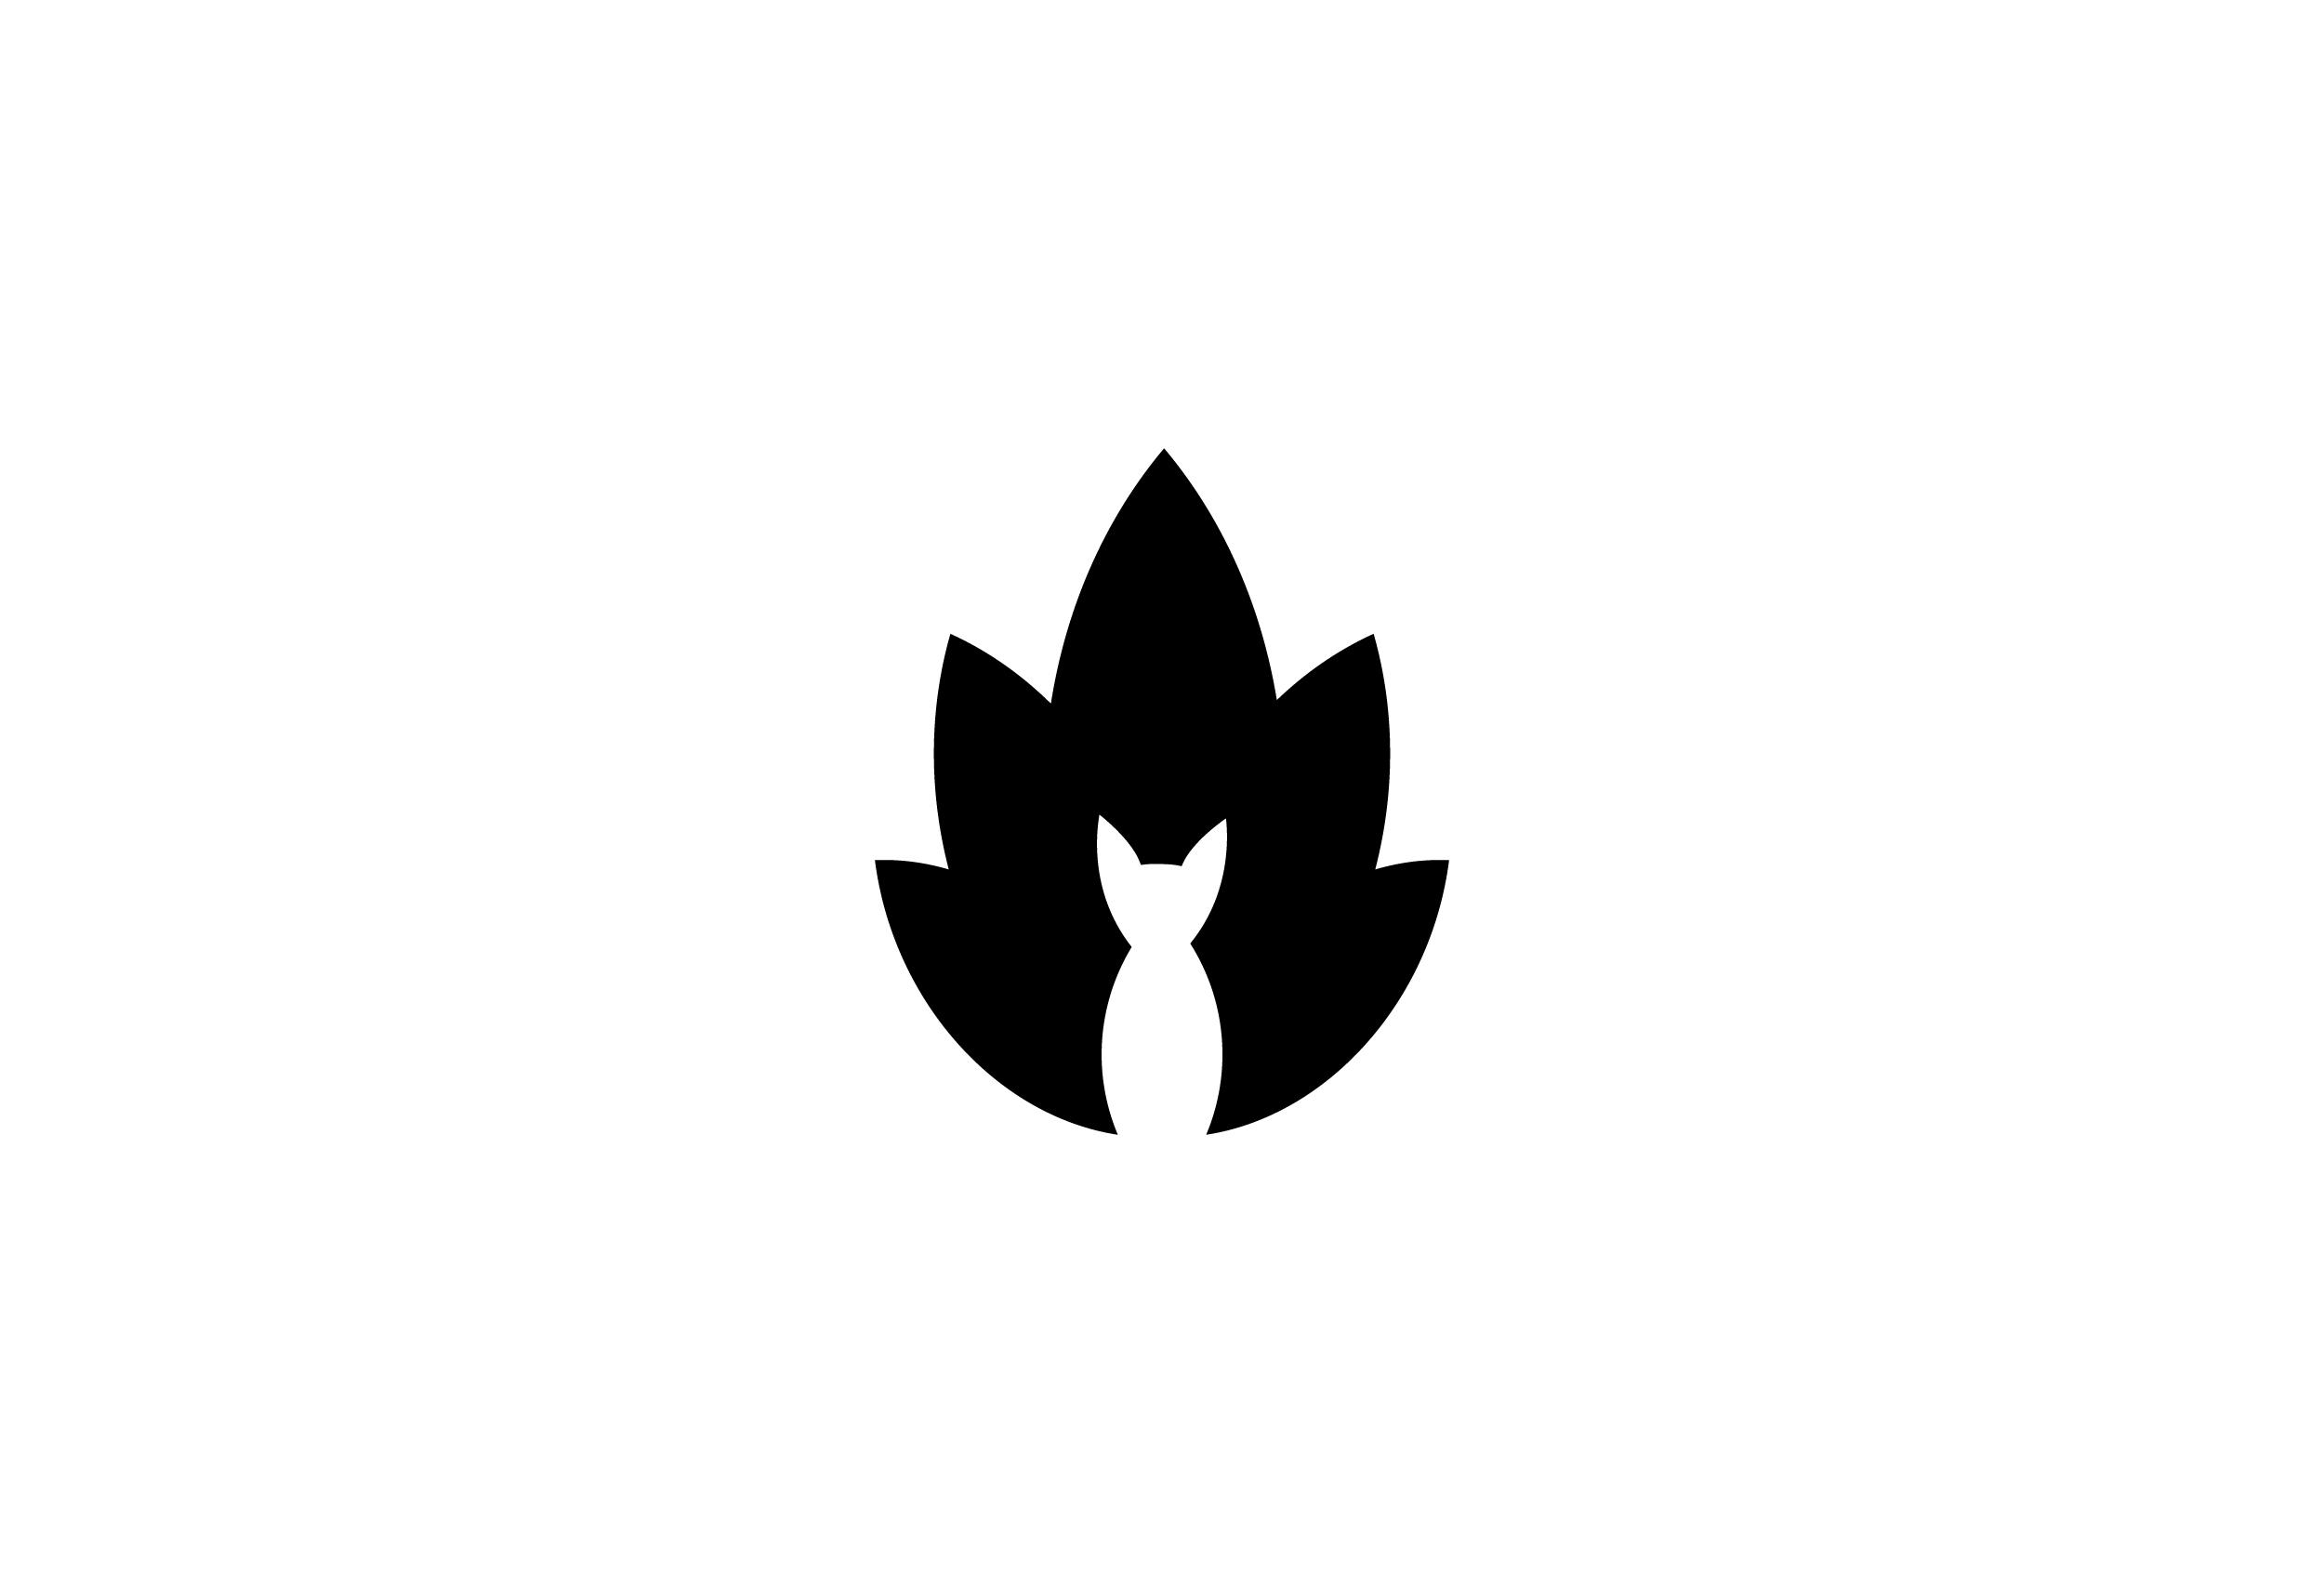 dezakaya-logo-design-japanese-kitsune-restaurant-dubai